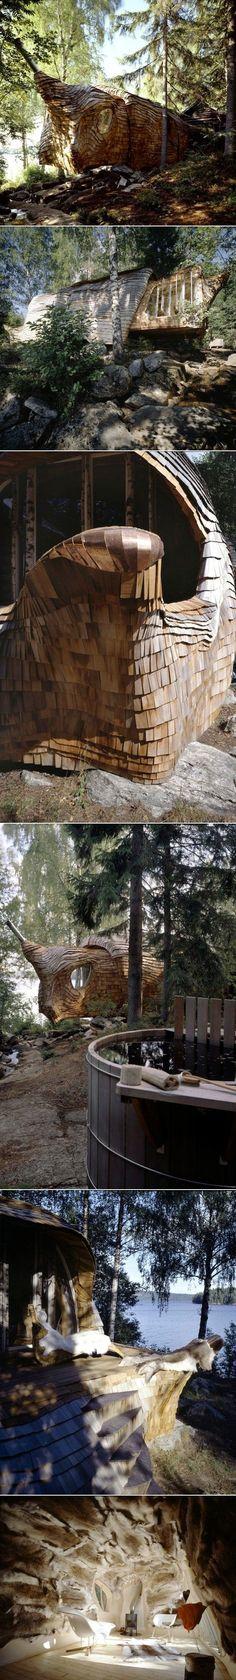 Magnifique maison intitulée Dragspelhuset par 24h architecture - Journal du…